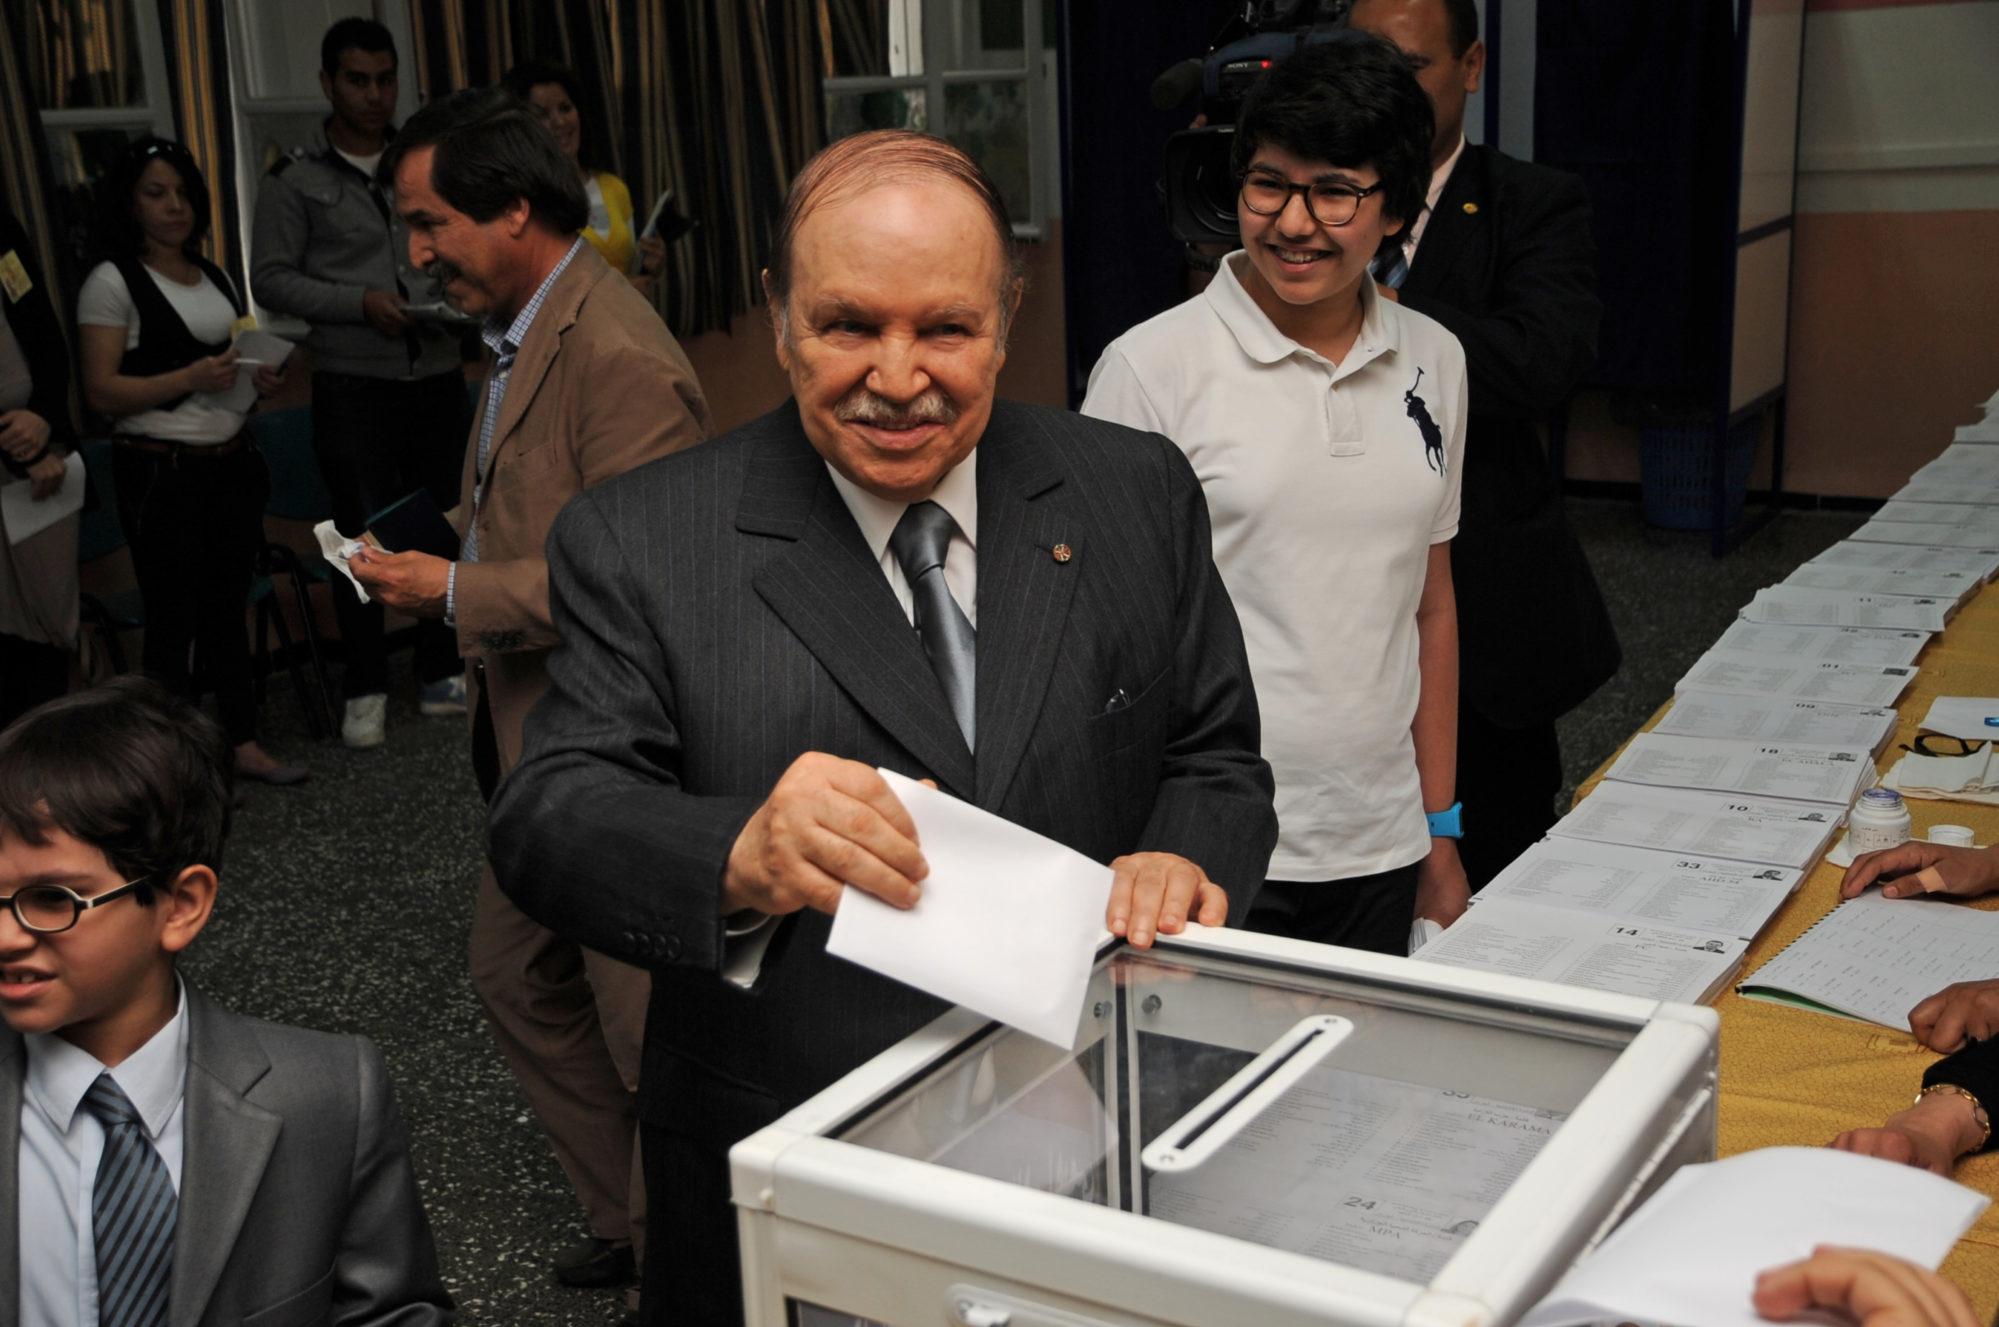 Le président Bouteflika devant une urne en 2012